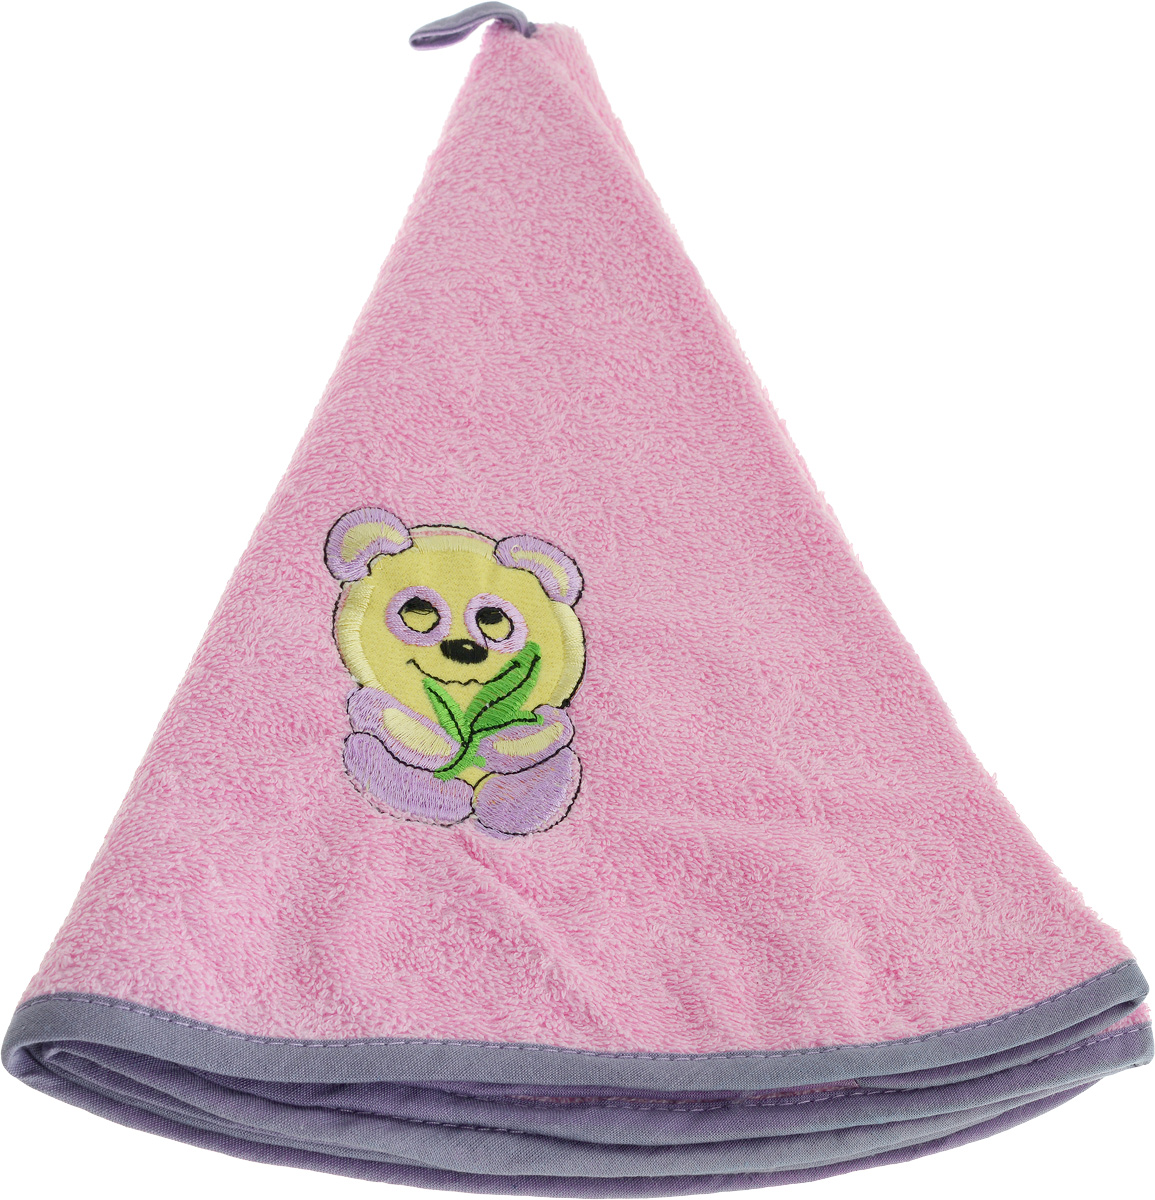 Полотенце кухонное Soavita, цвет: розовый, фиолетовый, диаметр 70 см полотенце кухонное soavita цвет коралловый диаметр 65 см 48800